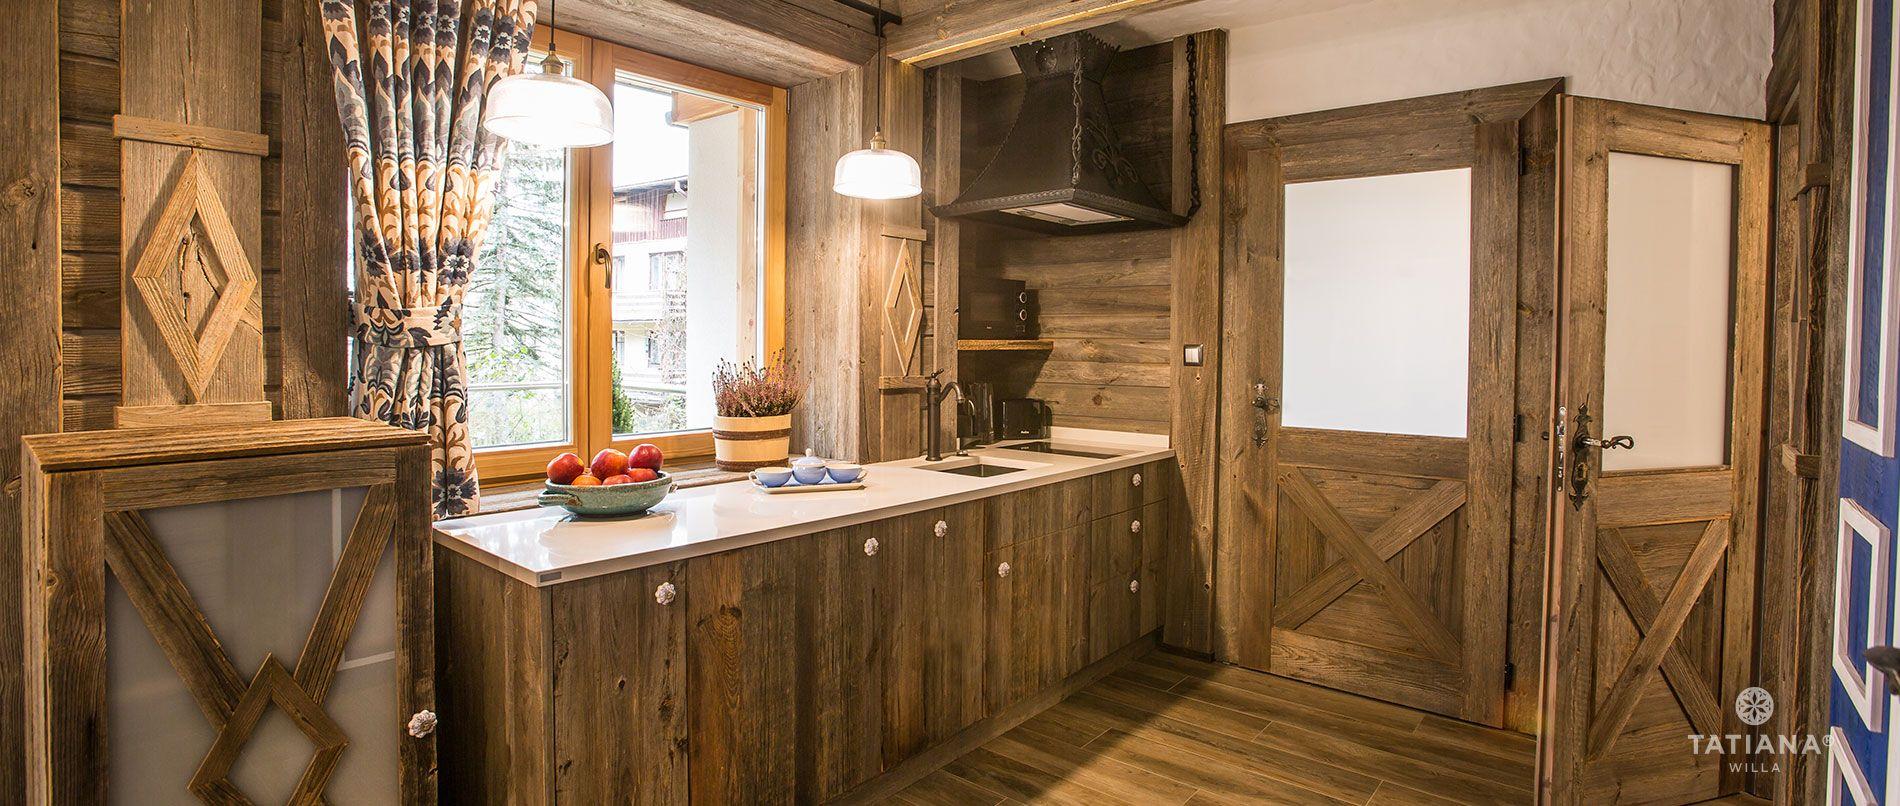 Apartament Syberyjski - kuchnia